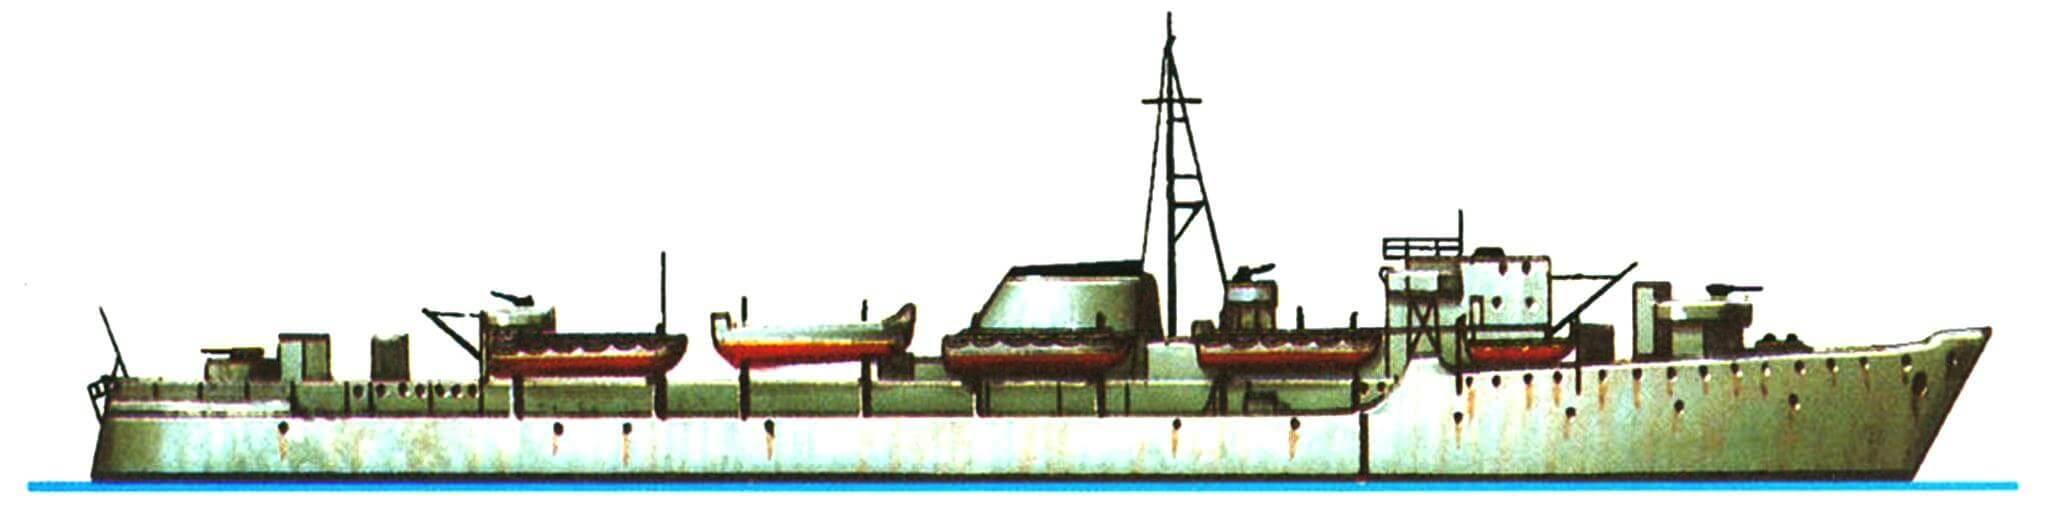 21. Пехотный десантный транспорт «Принцесс Беатрис» типа LSI(M), Англия, 1942 г. Водоизмещение 6700 т, длина 113,7 м,ширина 16,7 м,осадка 4,7 м. Дизельные двигатели мощностью 14 500 л.с., скорость 22 узла. Вооружение: два 76-мм зенитных орудия. Вместимость: 400 человек с вооружением, восемь десантных катеров типа LCA,LCS и два LCM.